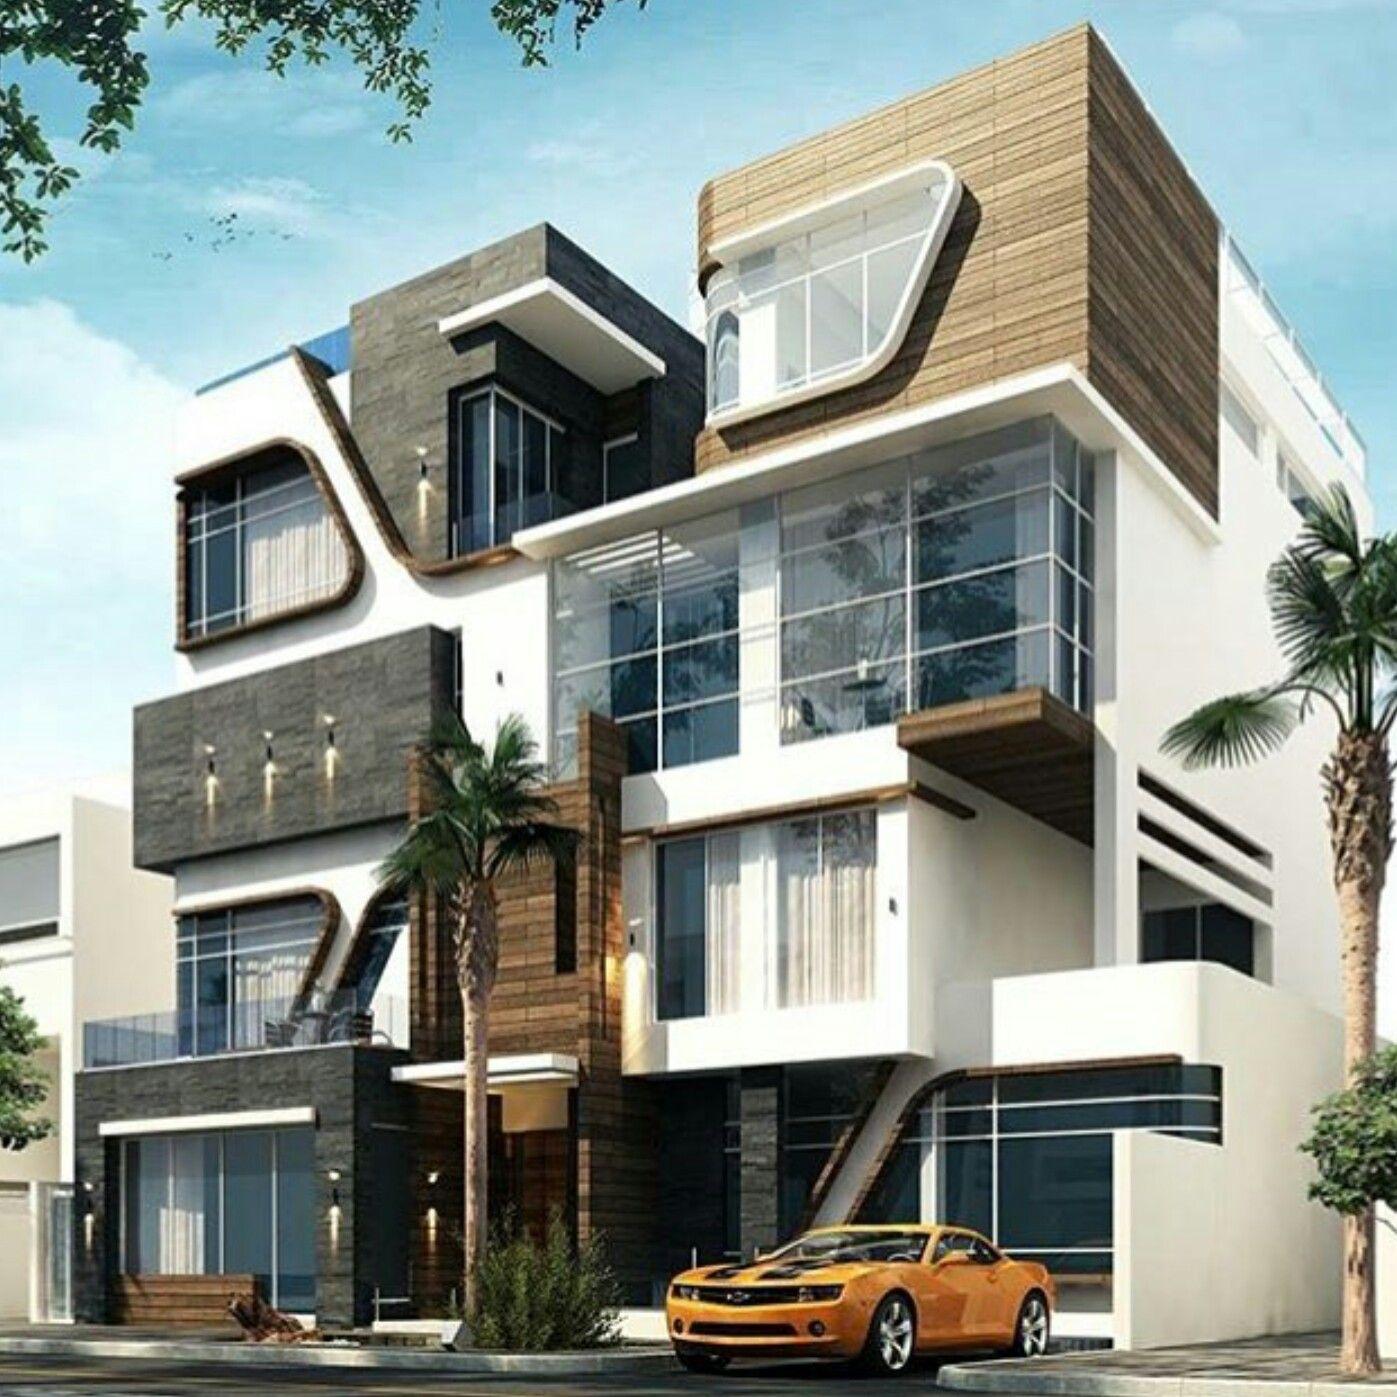 Explore Amazing Architecture Architecture Design and more